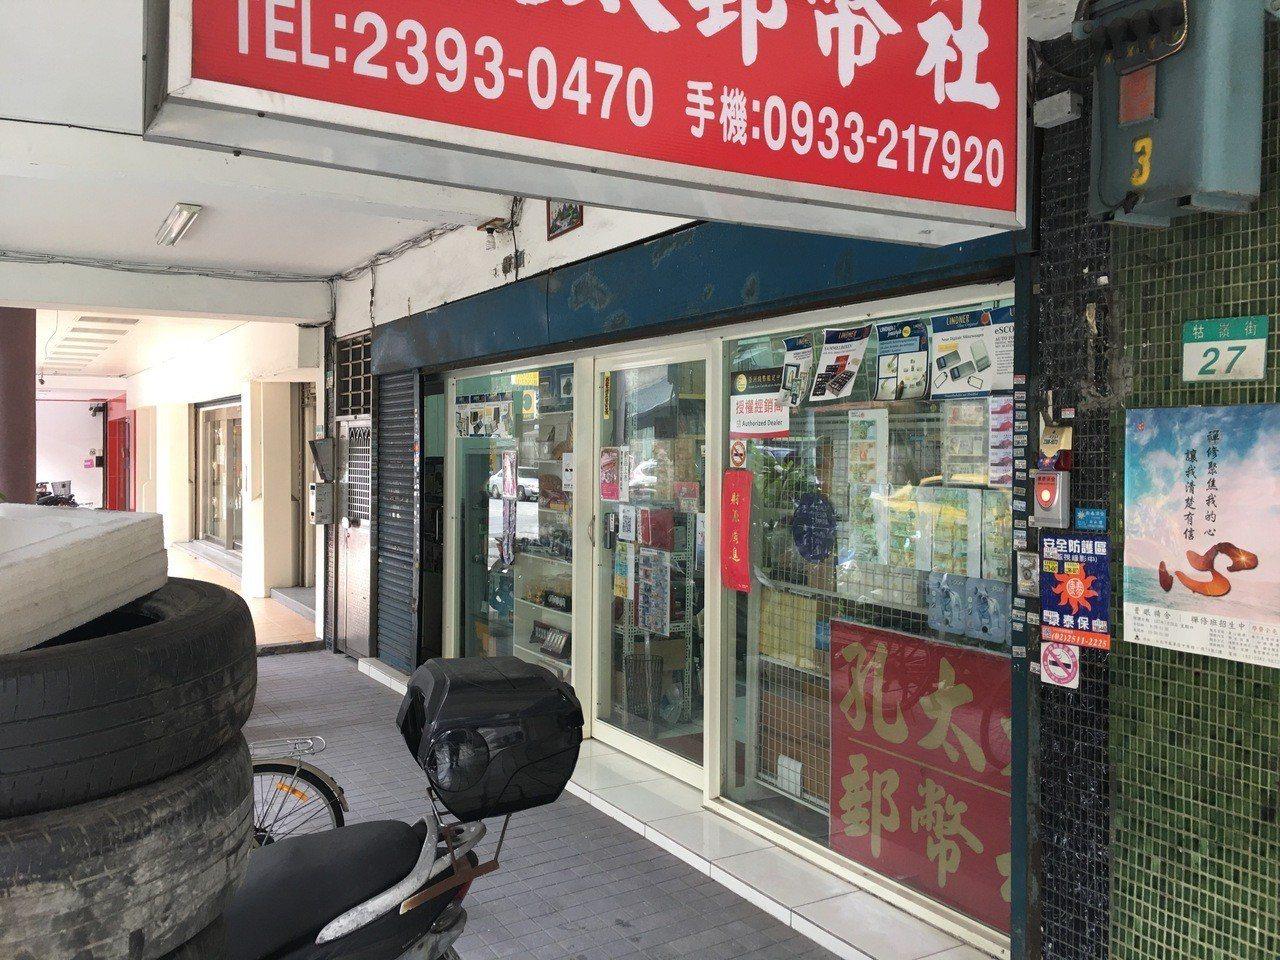 台北市中正區一家郵幣社前(12)日遭竊,一名男子於傍晚6時許闖入店內,將展示在櫃...